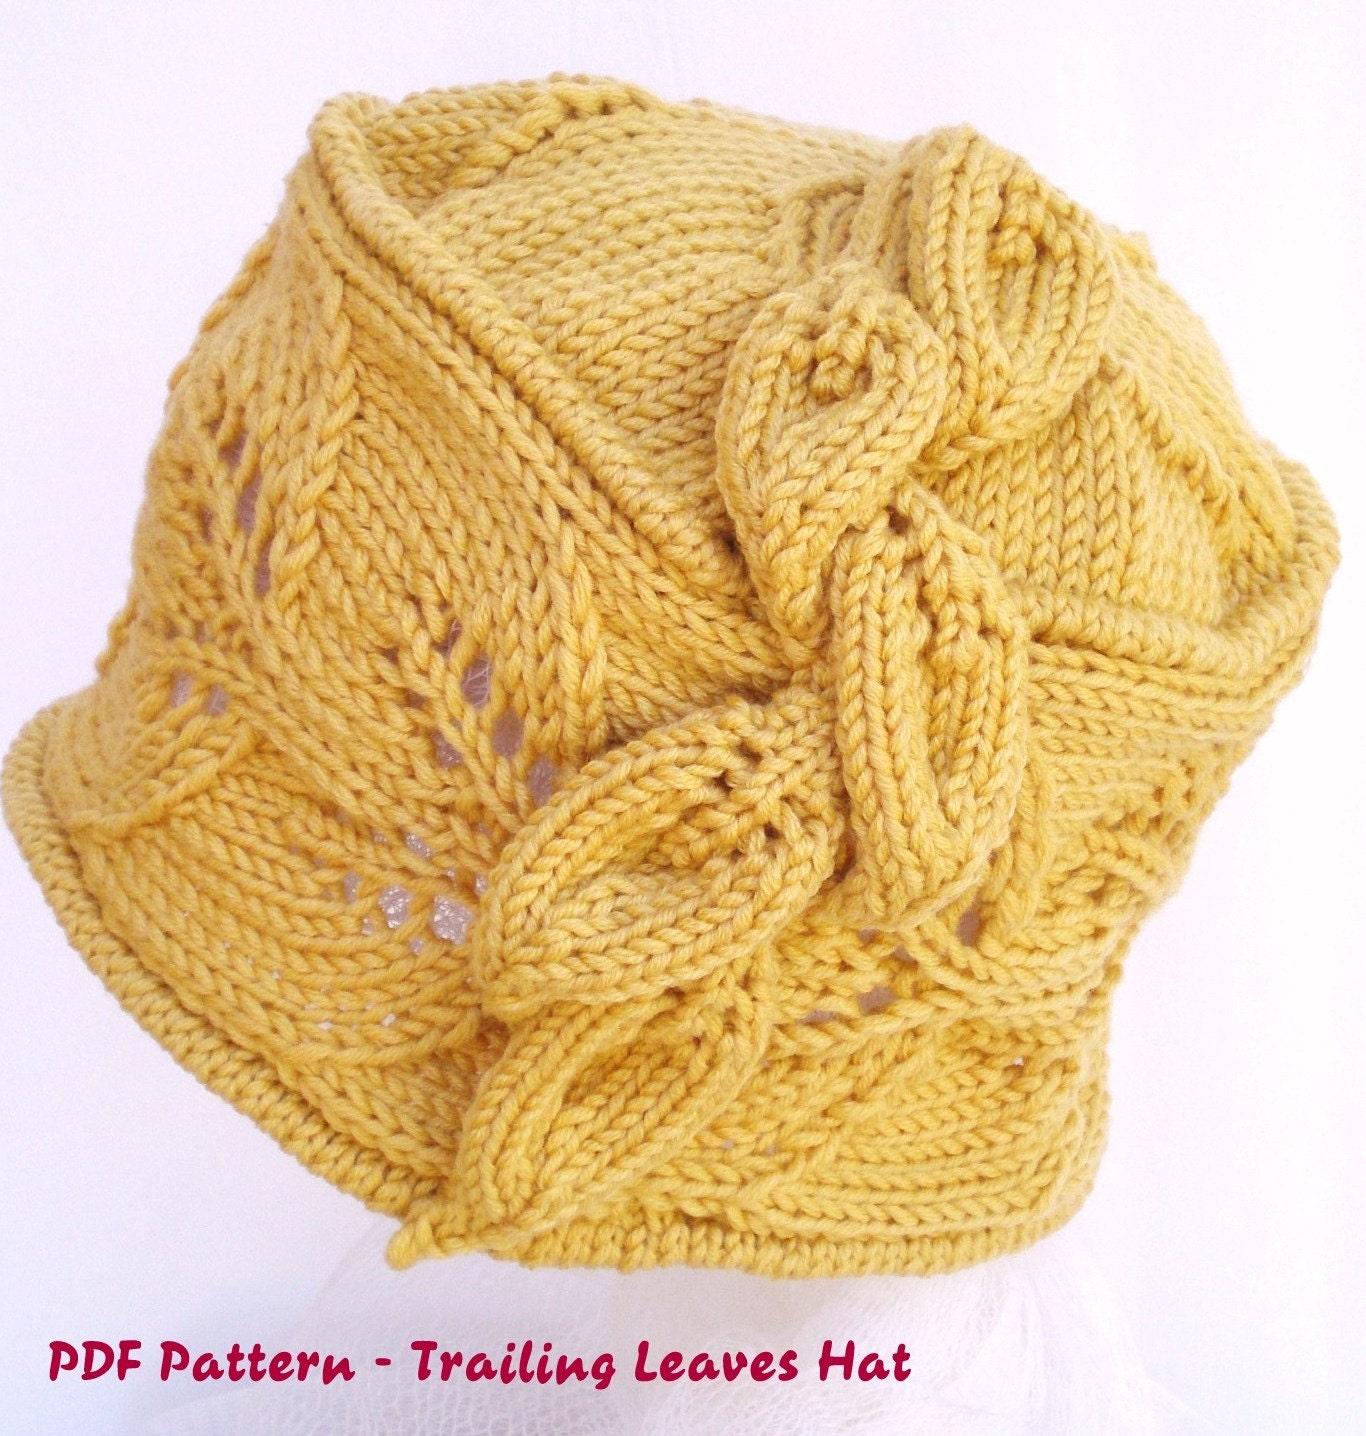 PDF Knitting Pattern Wool Lace Cloche Hat Trailing by OhmayDIY